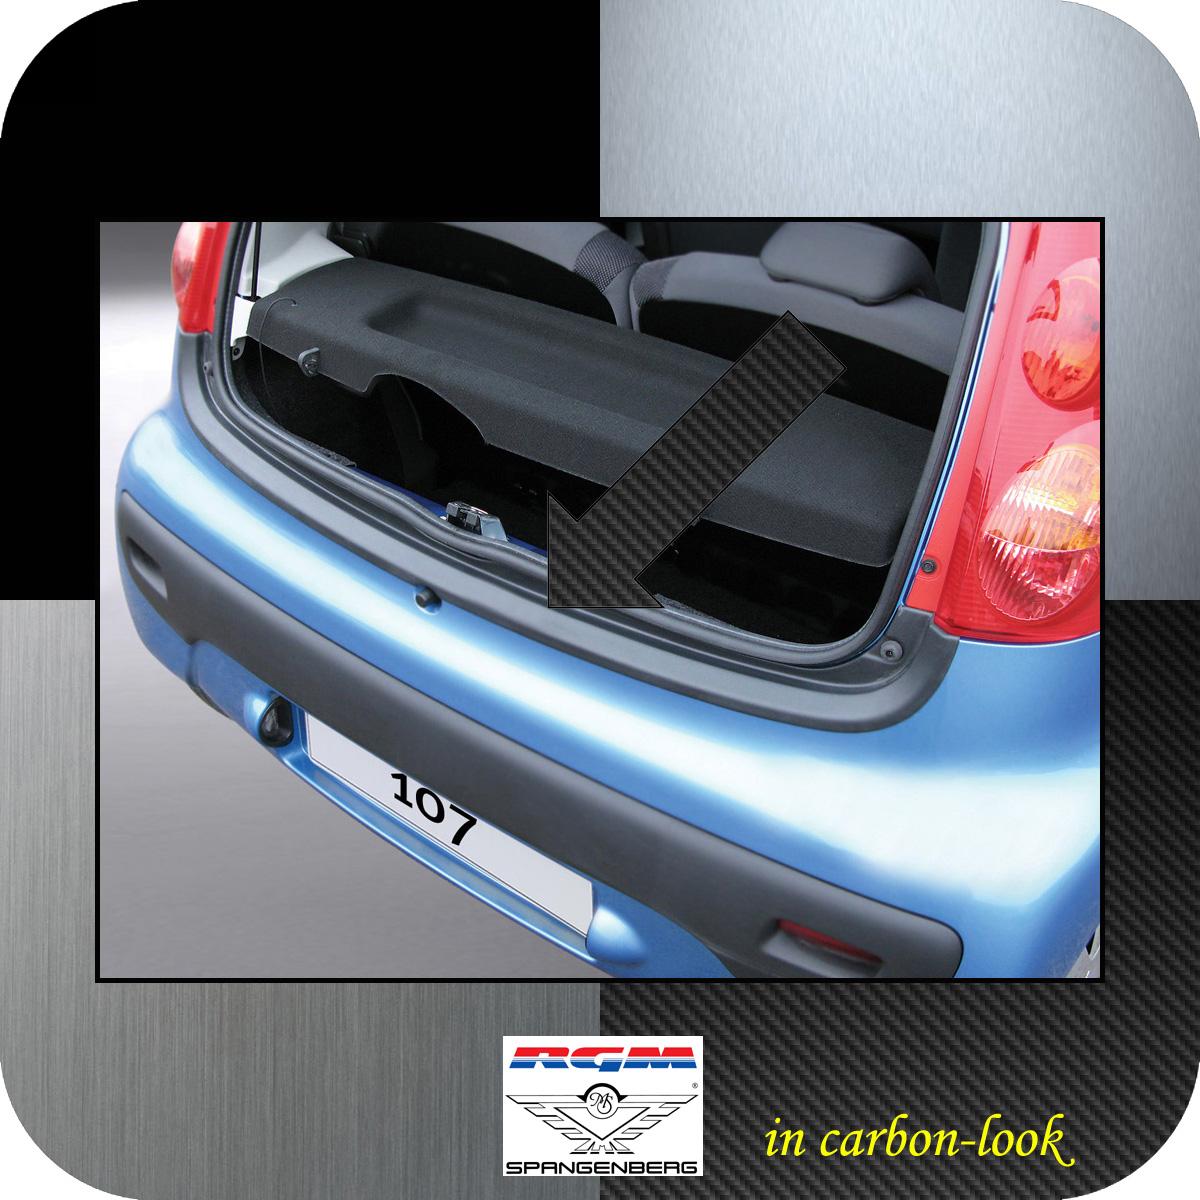 Ladekantenschutz Carbon-Look Peugeot 107 Schrägheck ab Baujahr 2005- 3509290